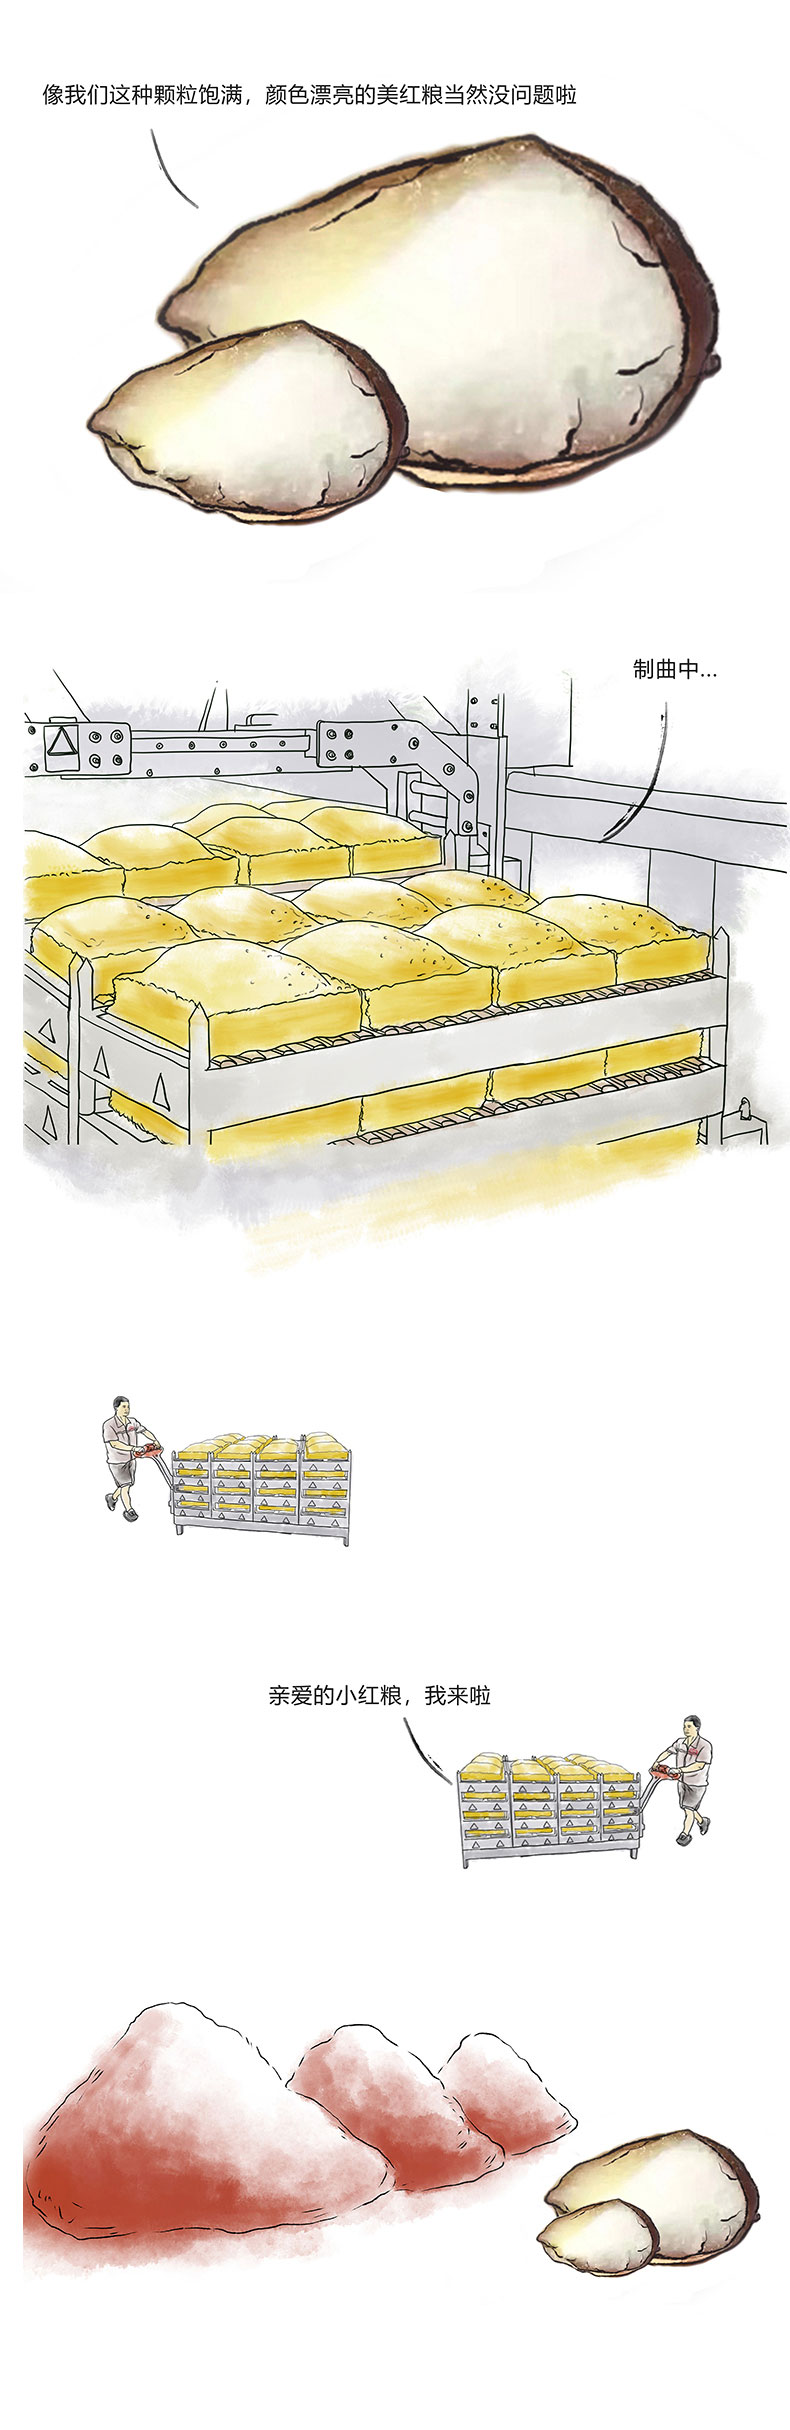 國臺國標酒 (8).jpg